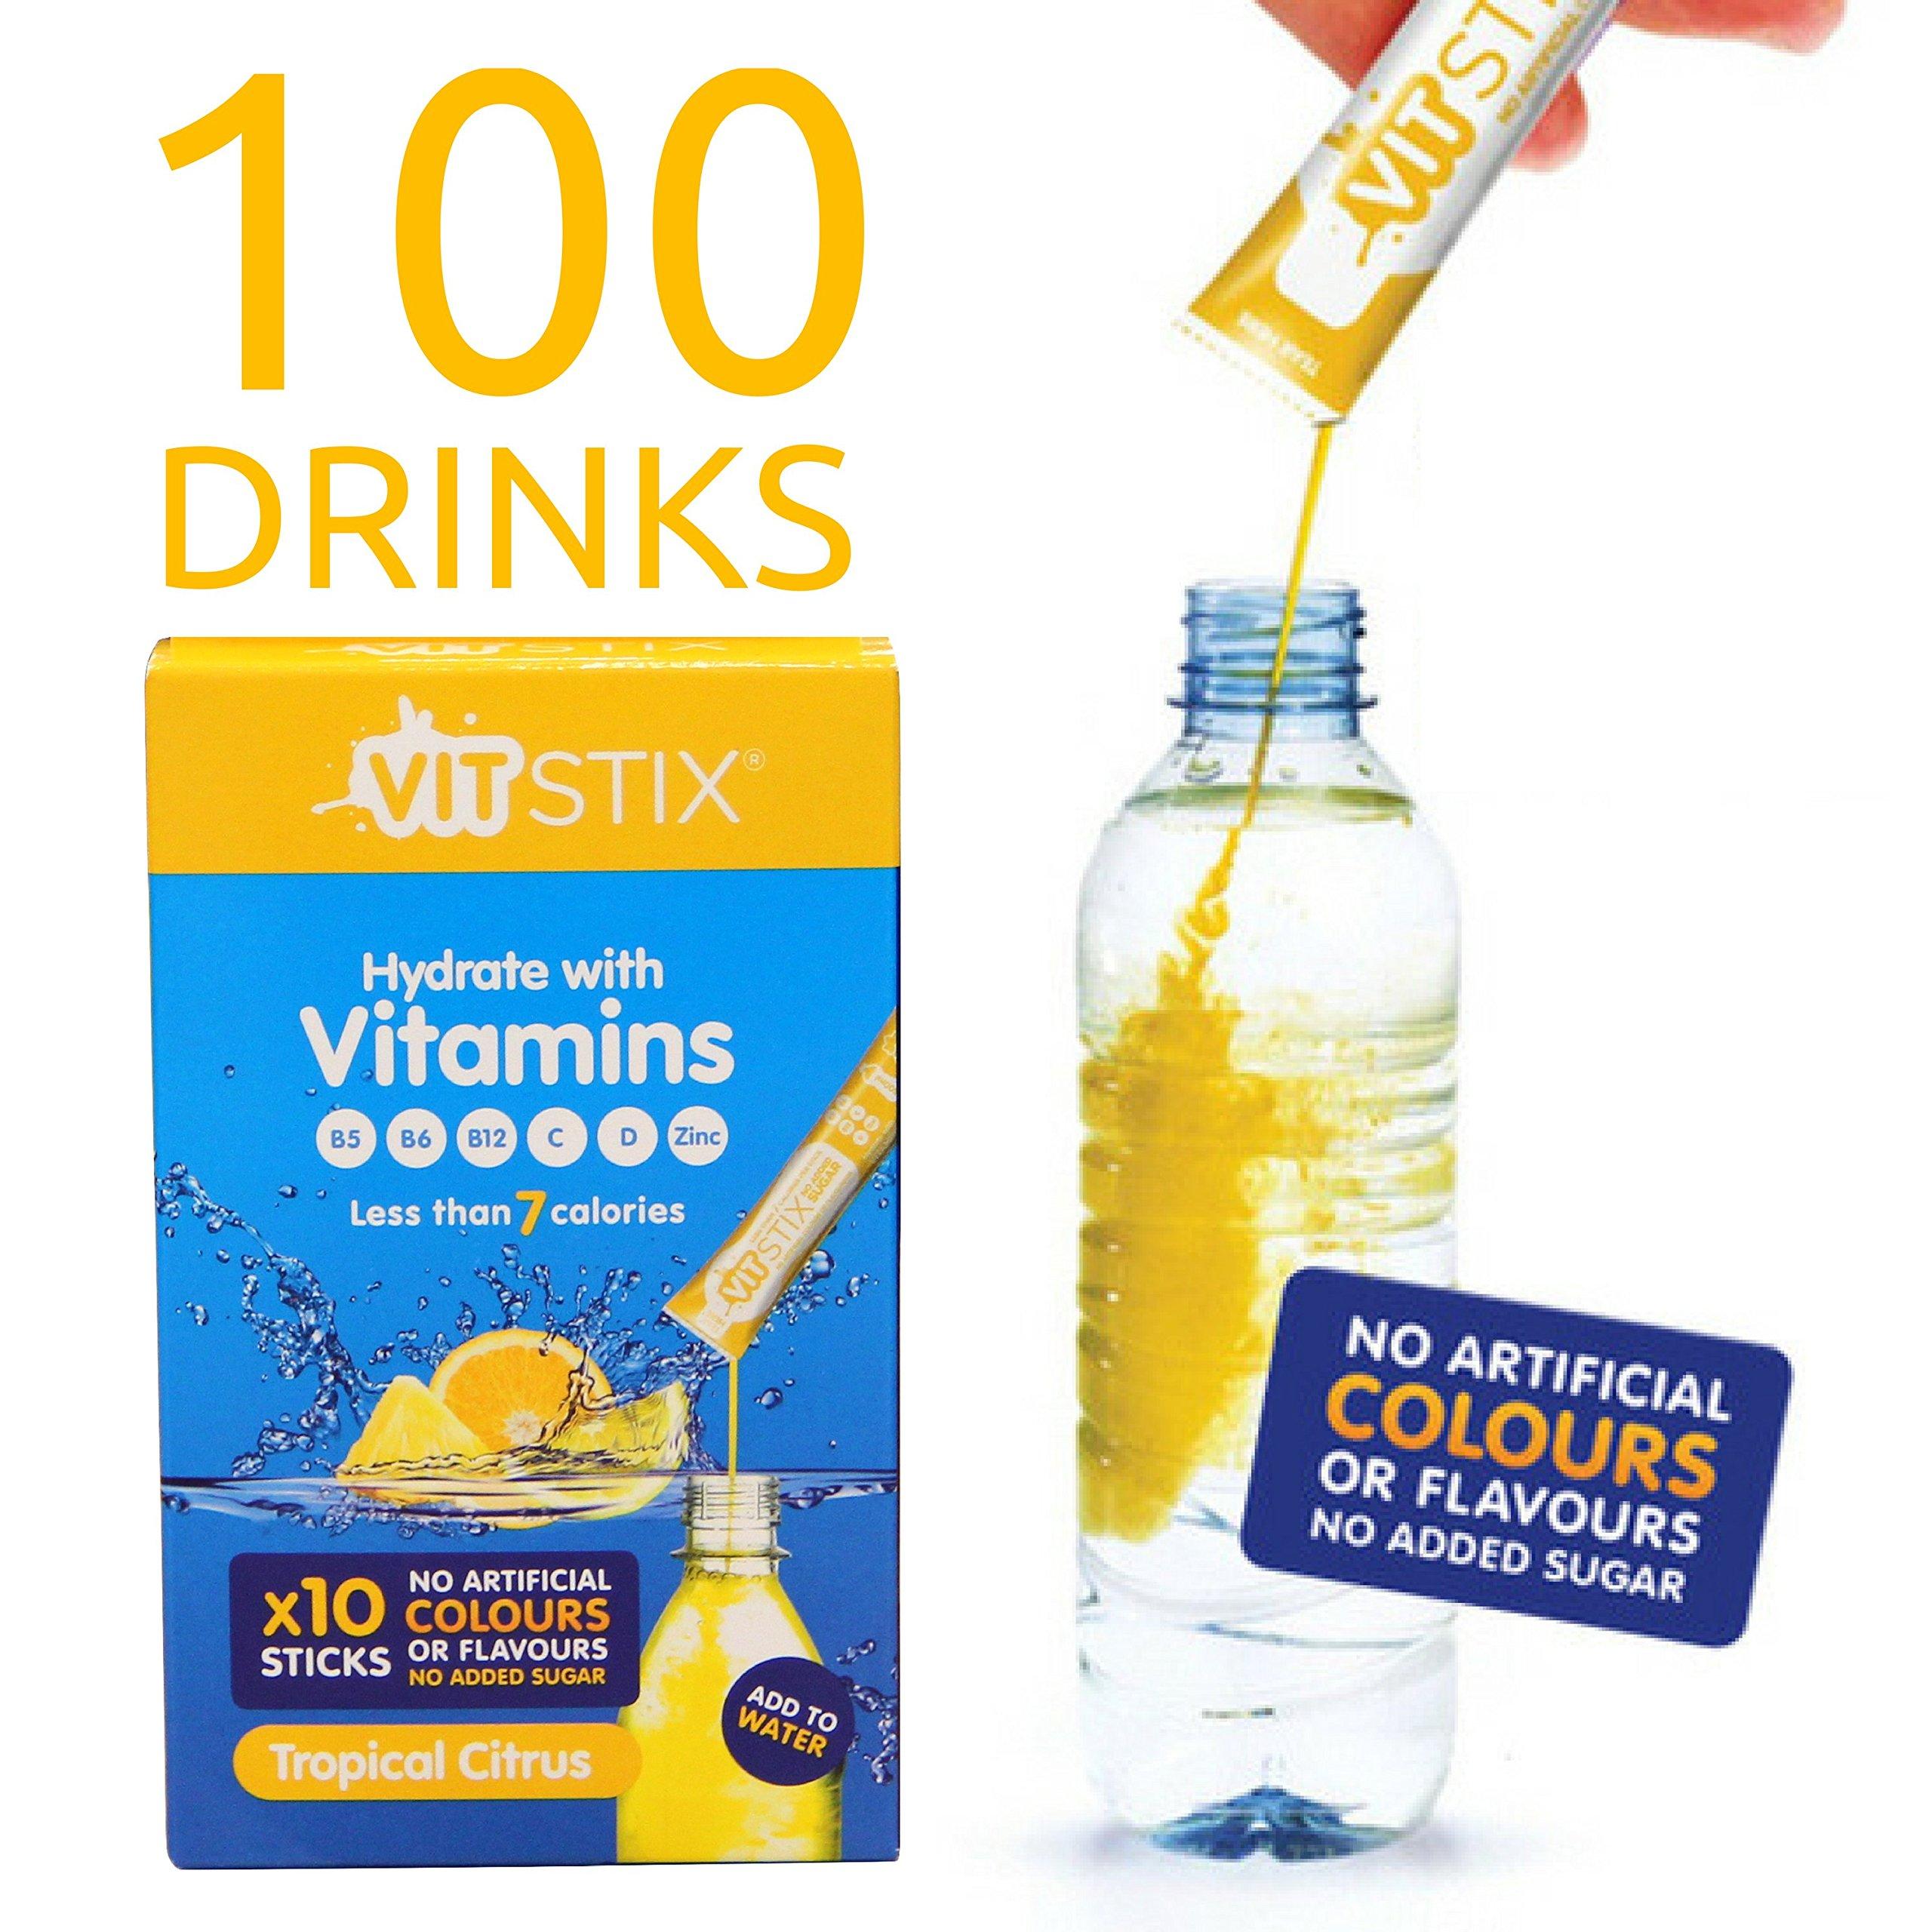 VIT Stix | Liquid Vitamin Drink Dietary Supplement - Multivitamin Water Enhancer - 100 Drinks | 3 Month Supply - B Vitamins | Vitamin C | Vitamin D | Zinc - Health Drink - Add to Water